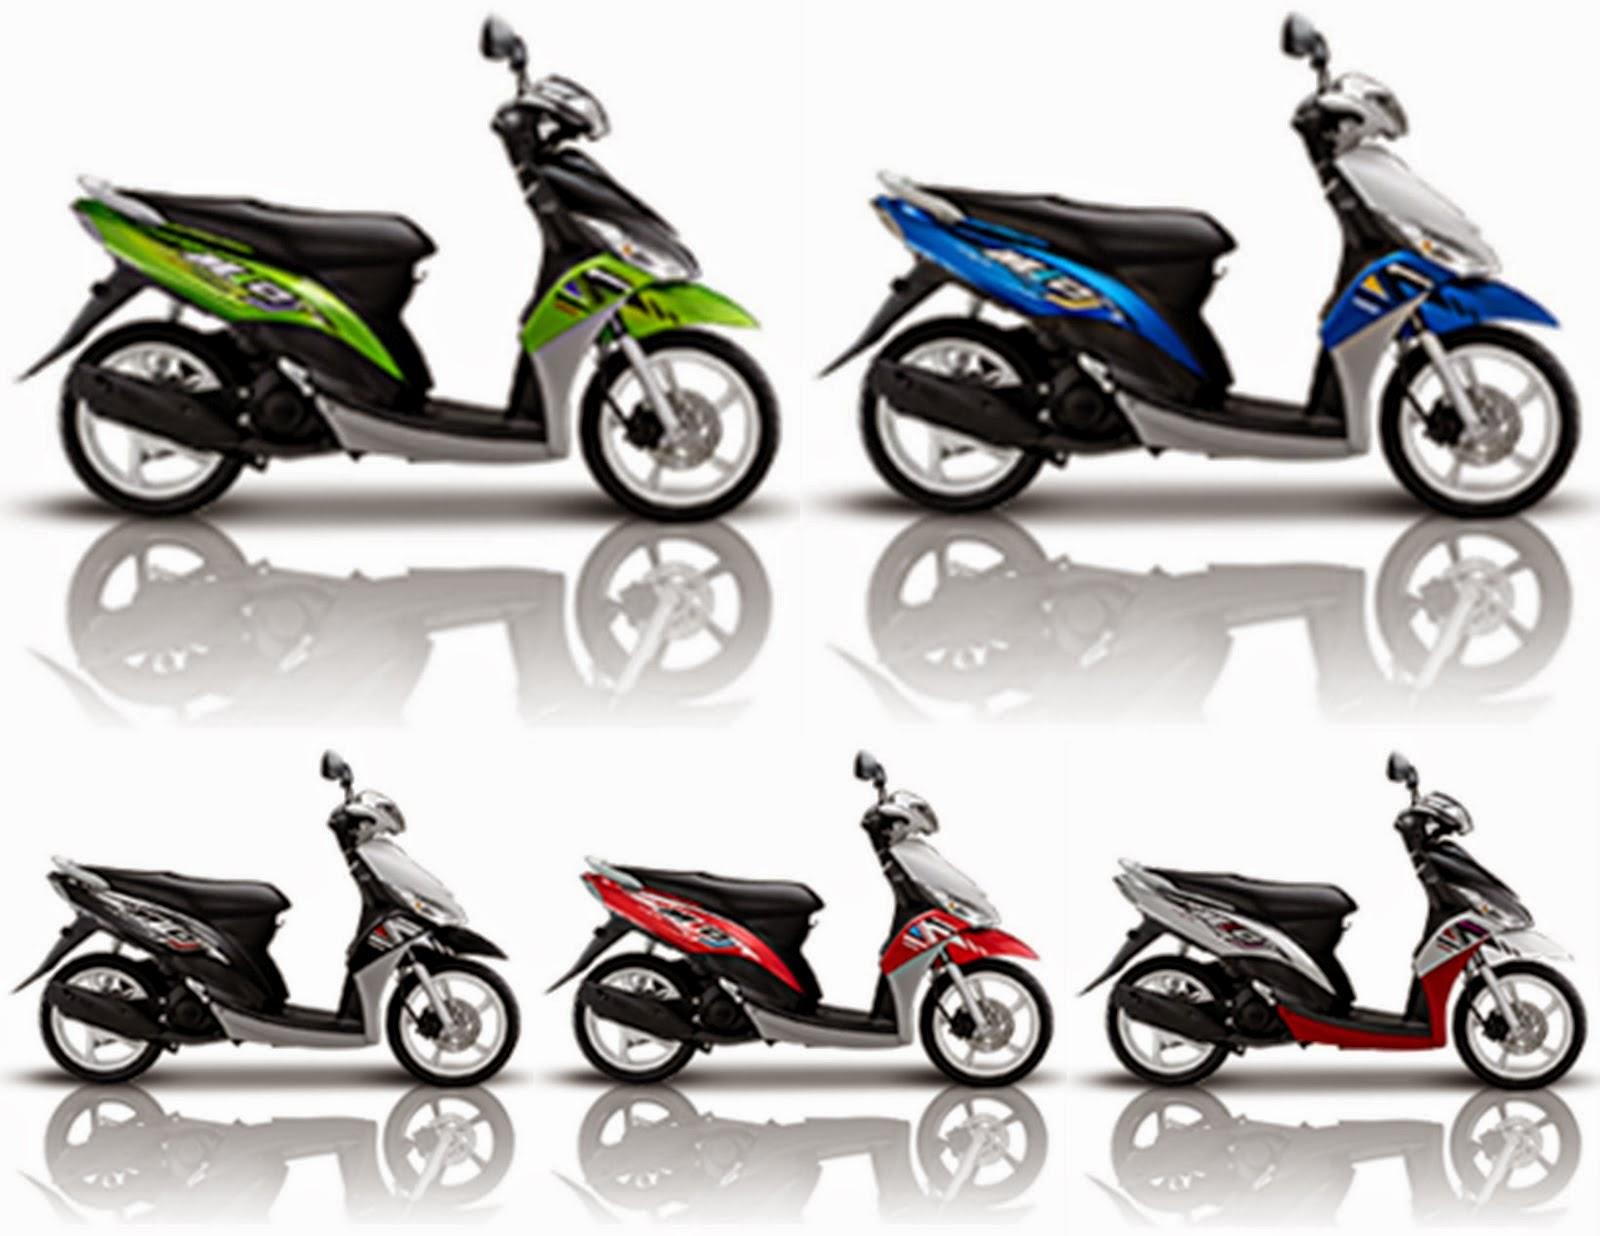 Rental Motor Matic Semarang Antar Jemput, Rental Motor, Rental Motor Semarang, Sewa Motor, Sewa Motor Semarang, Rental Motor Murah Semarang, Sewa Motor Murah Semarang,